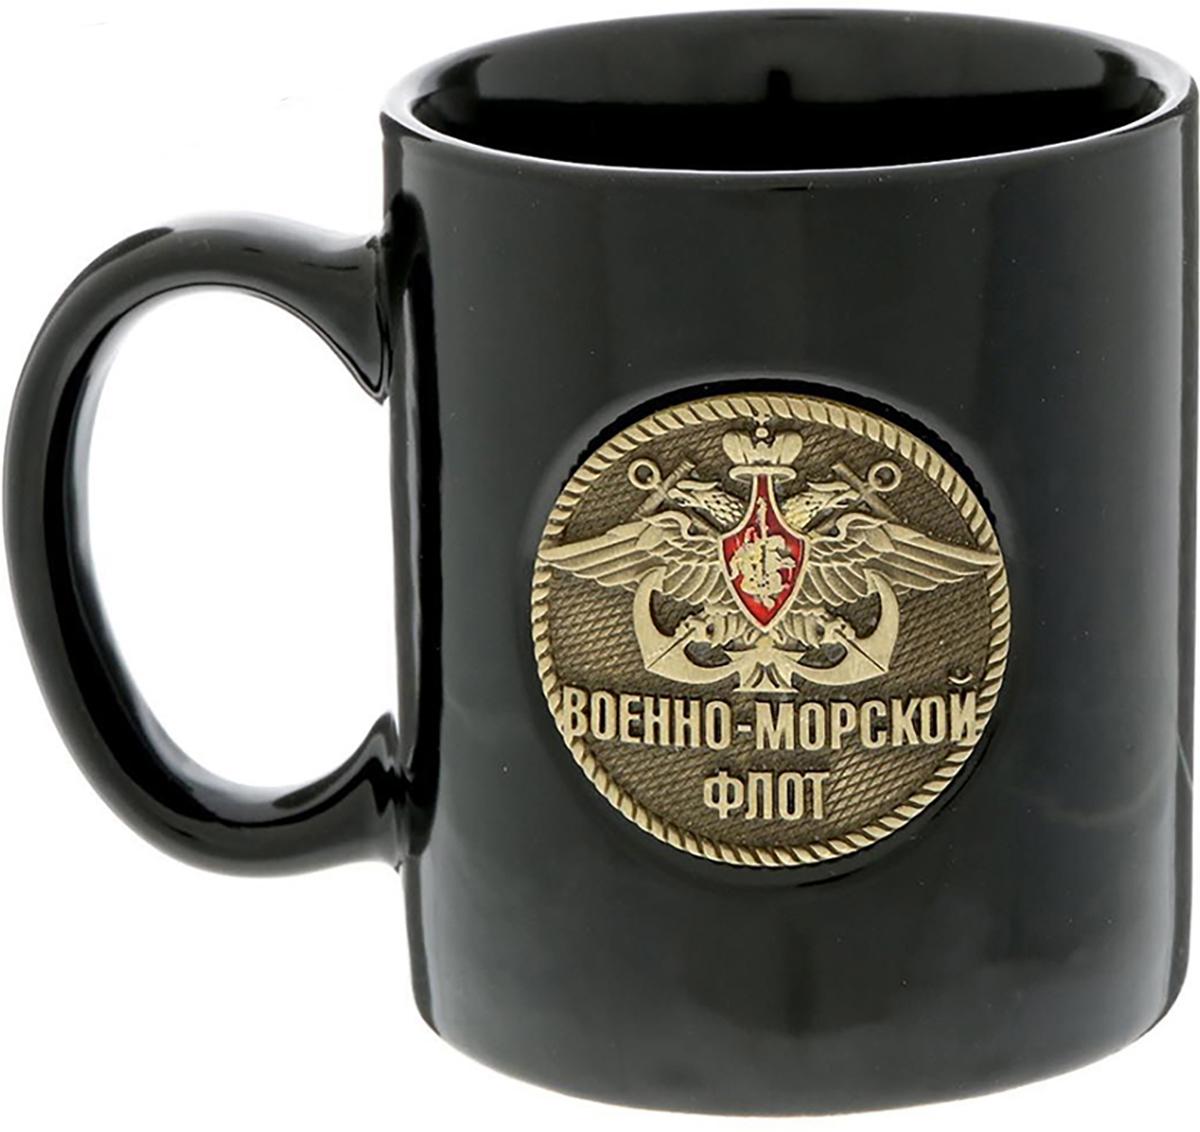 Кружка Sima-Land ВМФ, 300 мл. 15076821507682Разберись с жаждой по-мужски! Авторский дизайн, оригинальный декор, оптимальный объем - отличительные черты этой кружки. Налейте в нее горячий свежезаваренный кофе или крепкий ароматный чай, и каждый глоток будет сокрушительным ударом по врагам: сонливости, вялости и апатии! Изделие упаковано в подарочную картонную коробку.